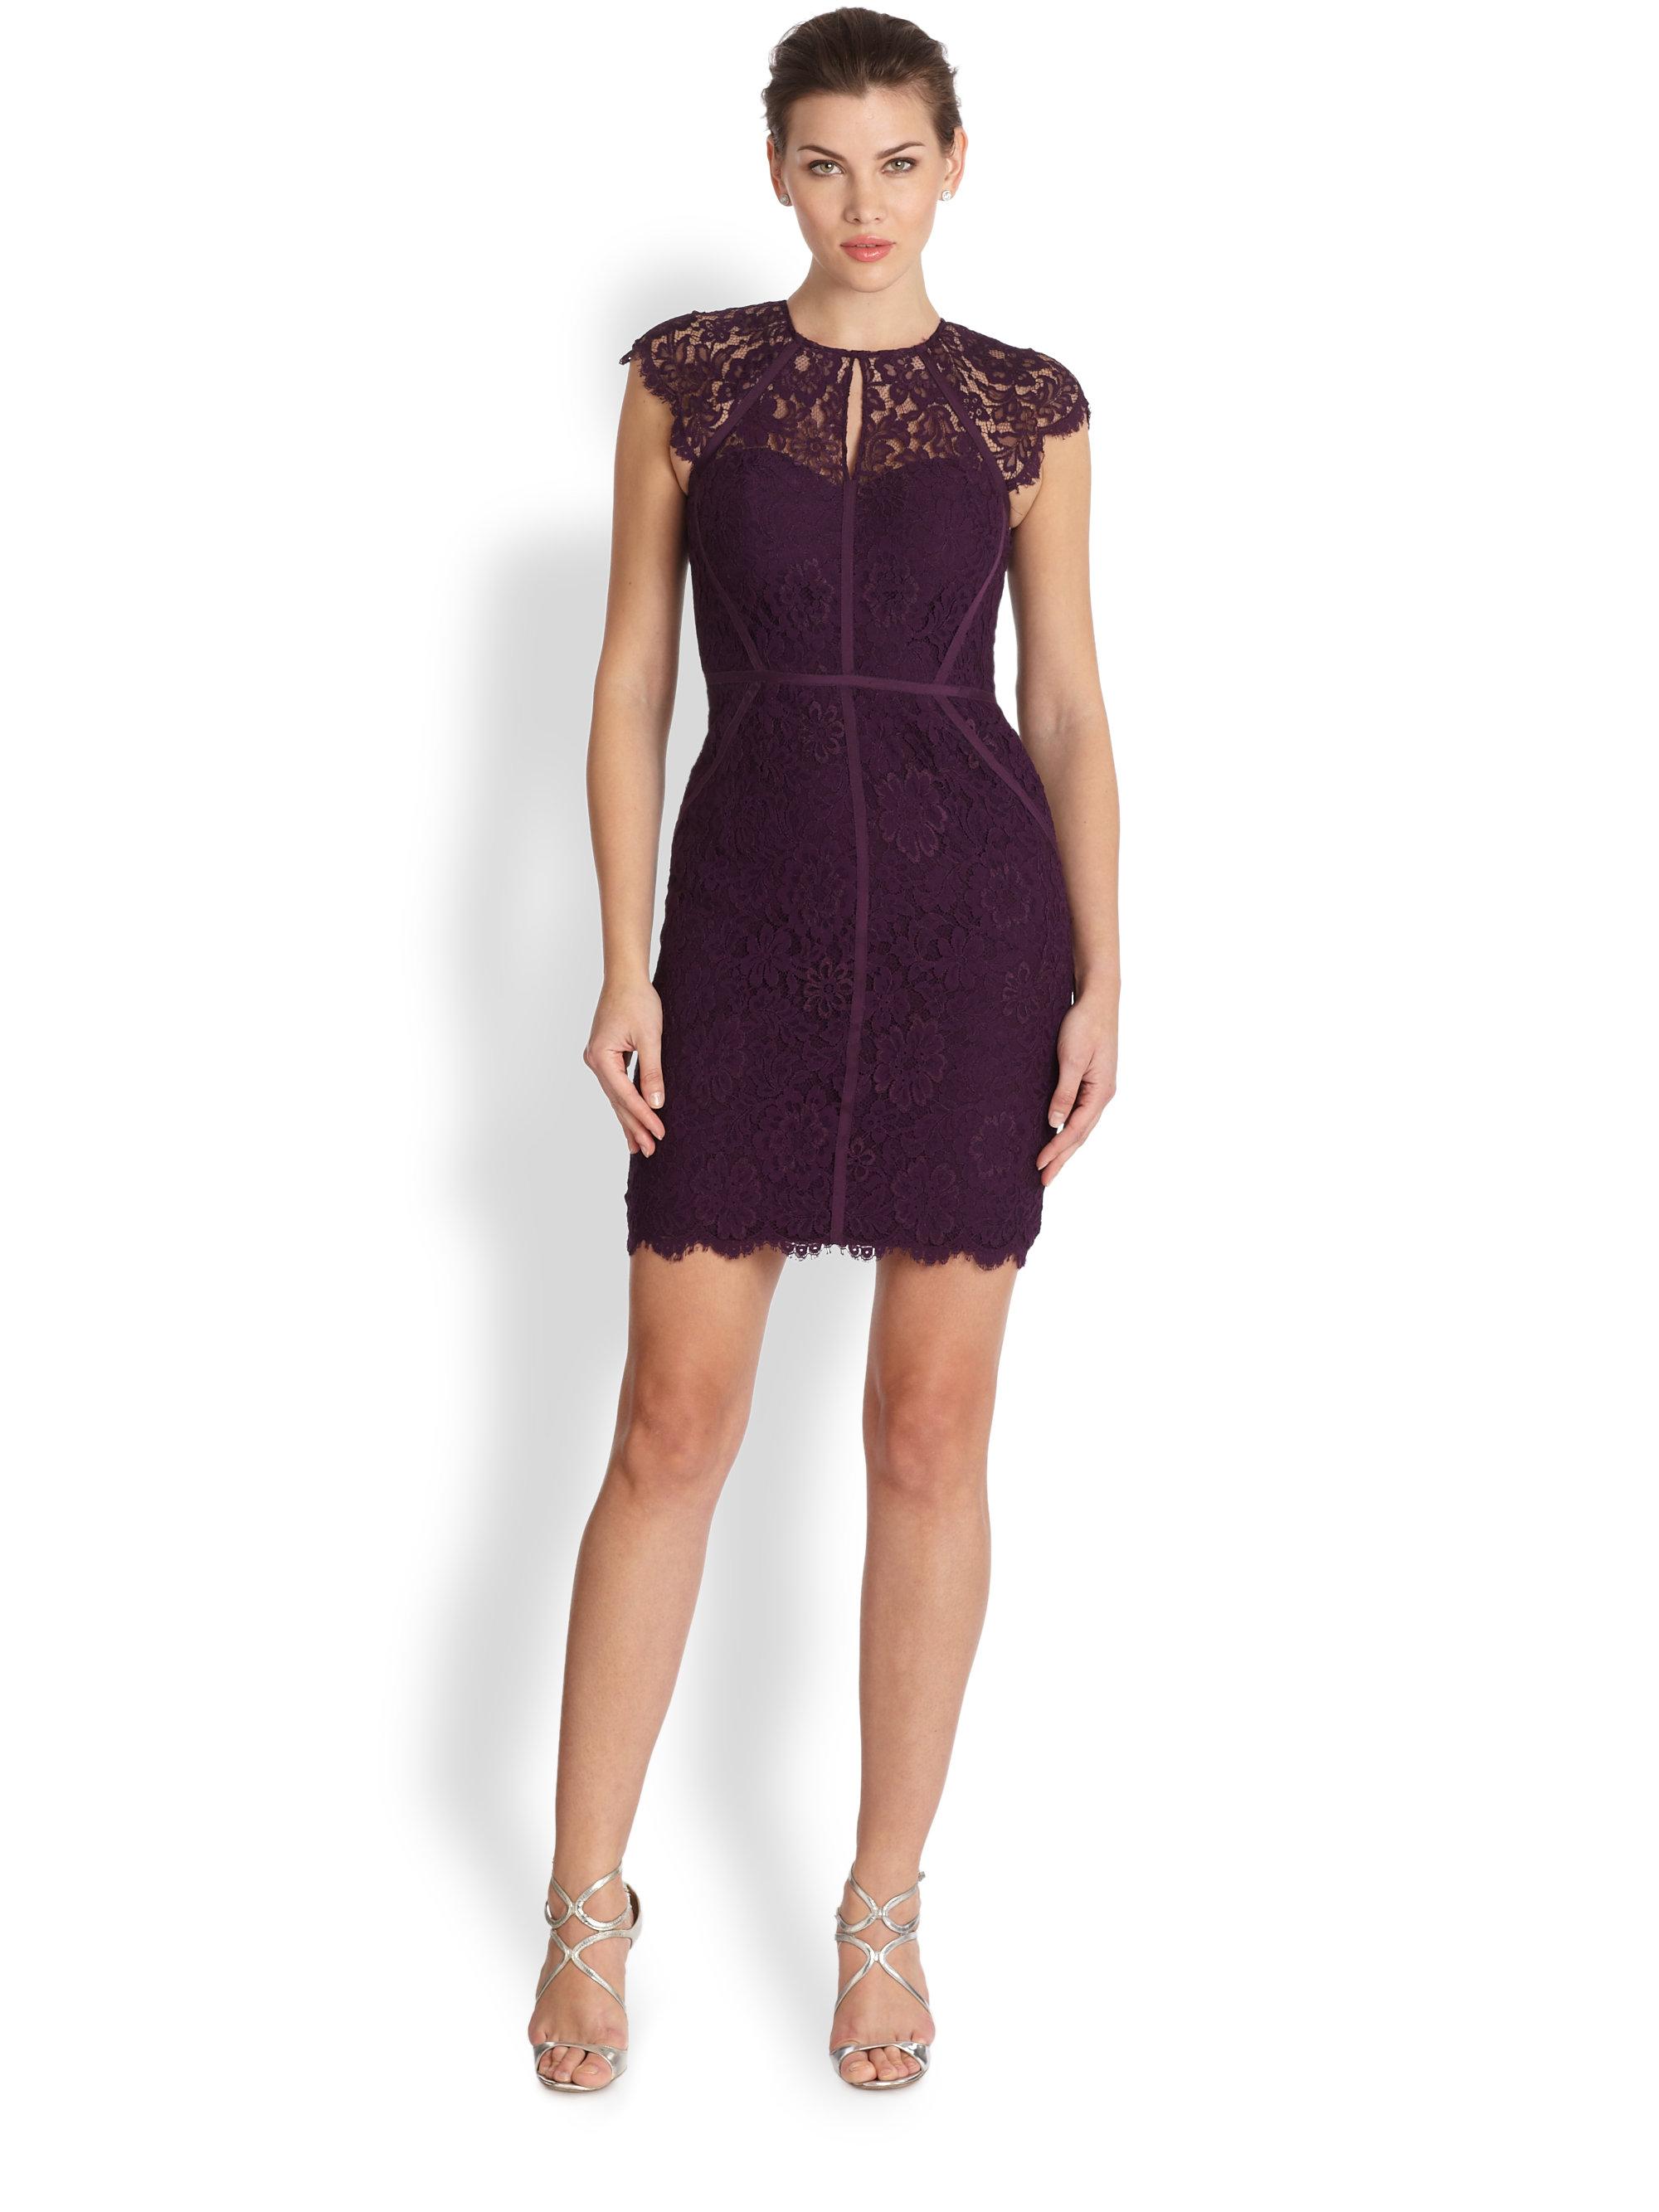 Ml monique lhuillier Diamond-Back Lace Dress in Purple | Lyst